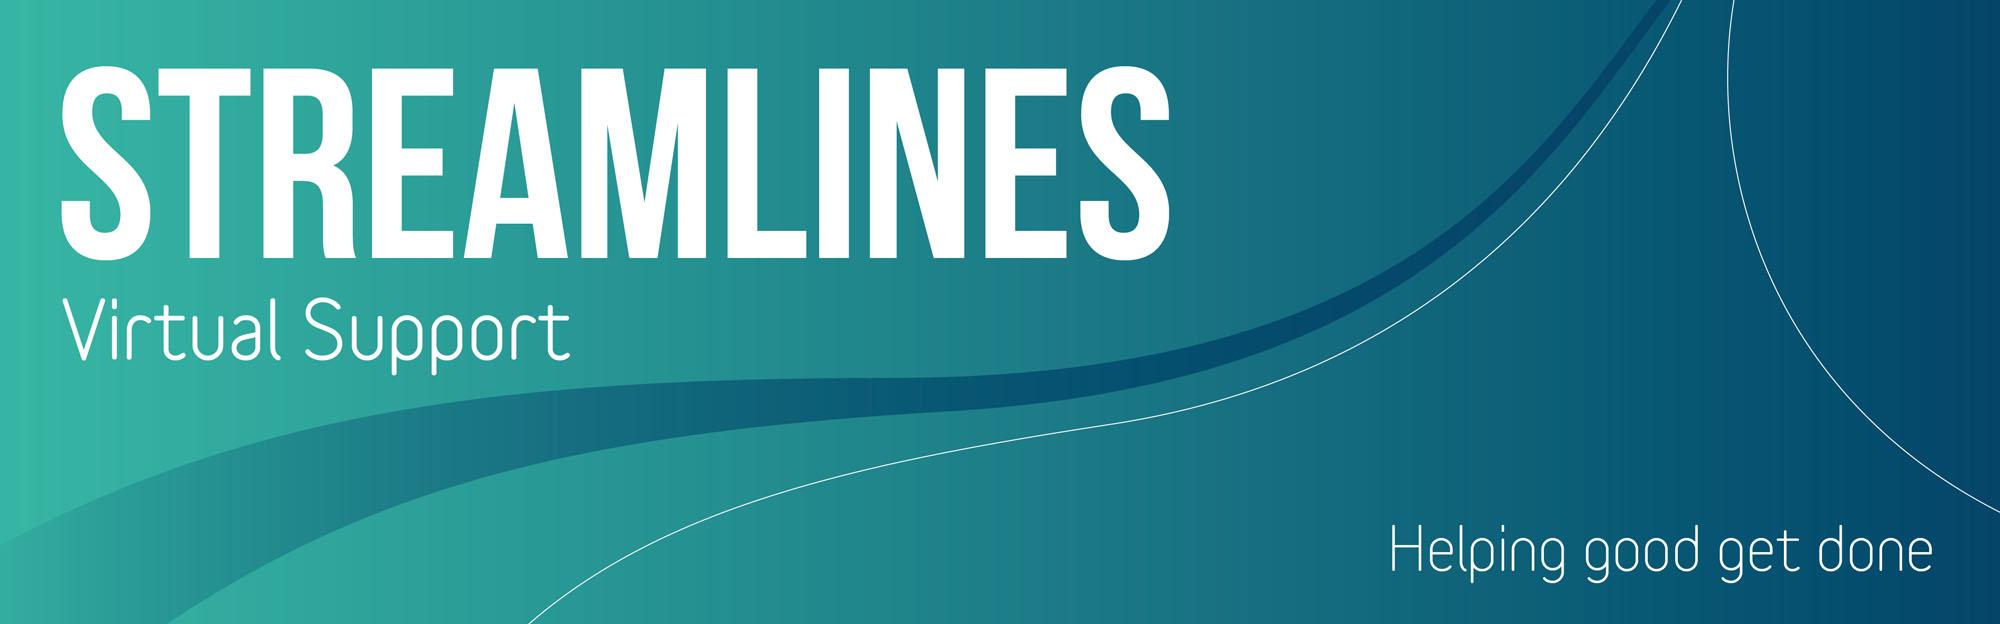 Streamlines Virtual Support header